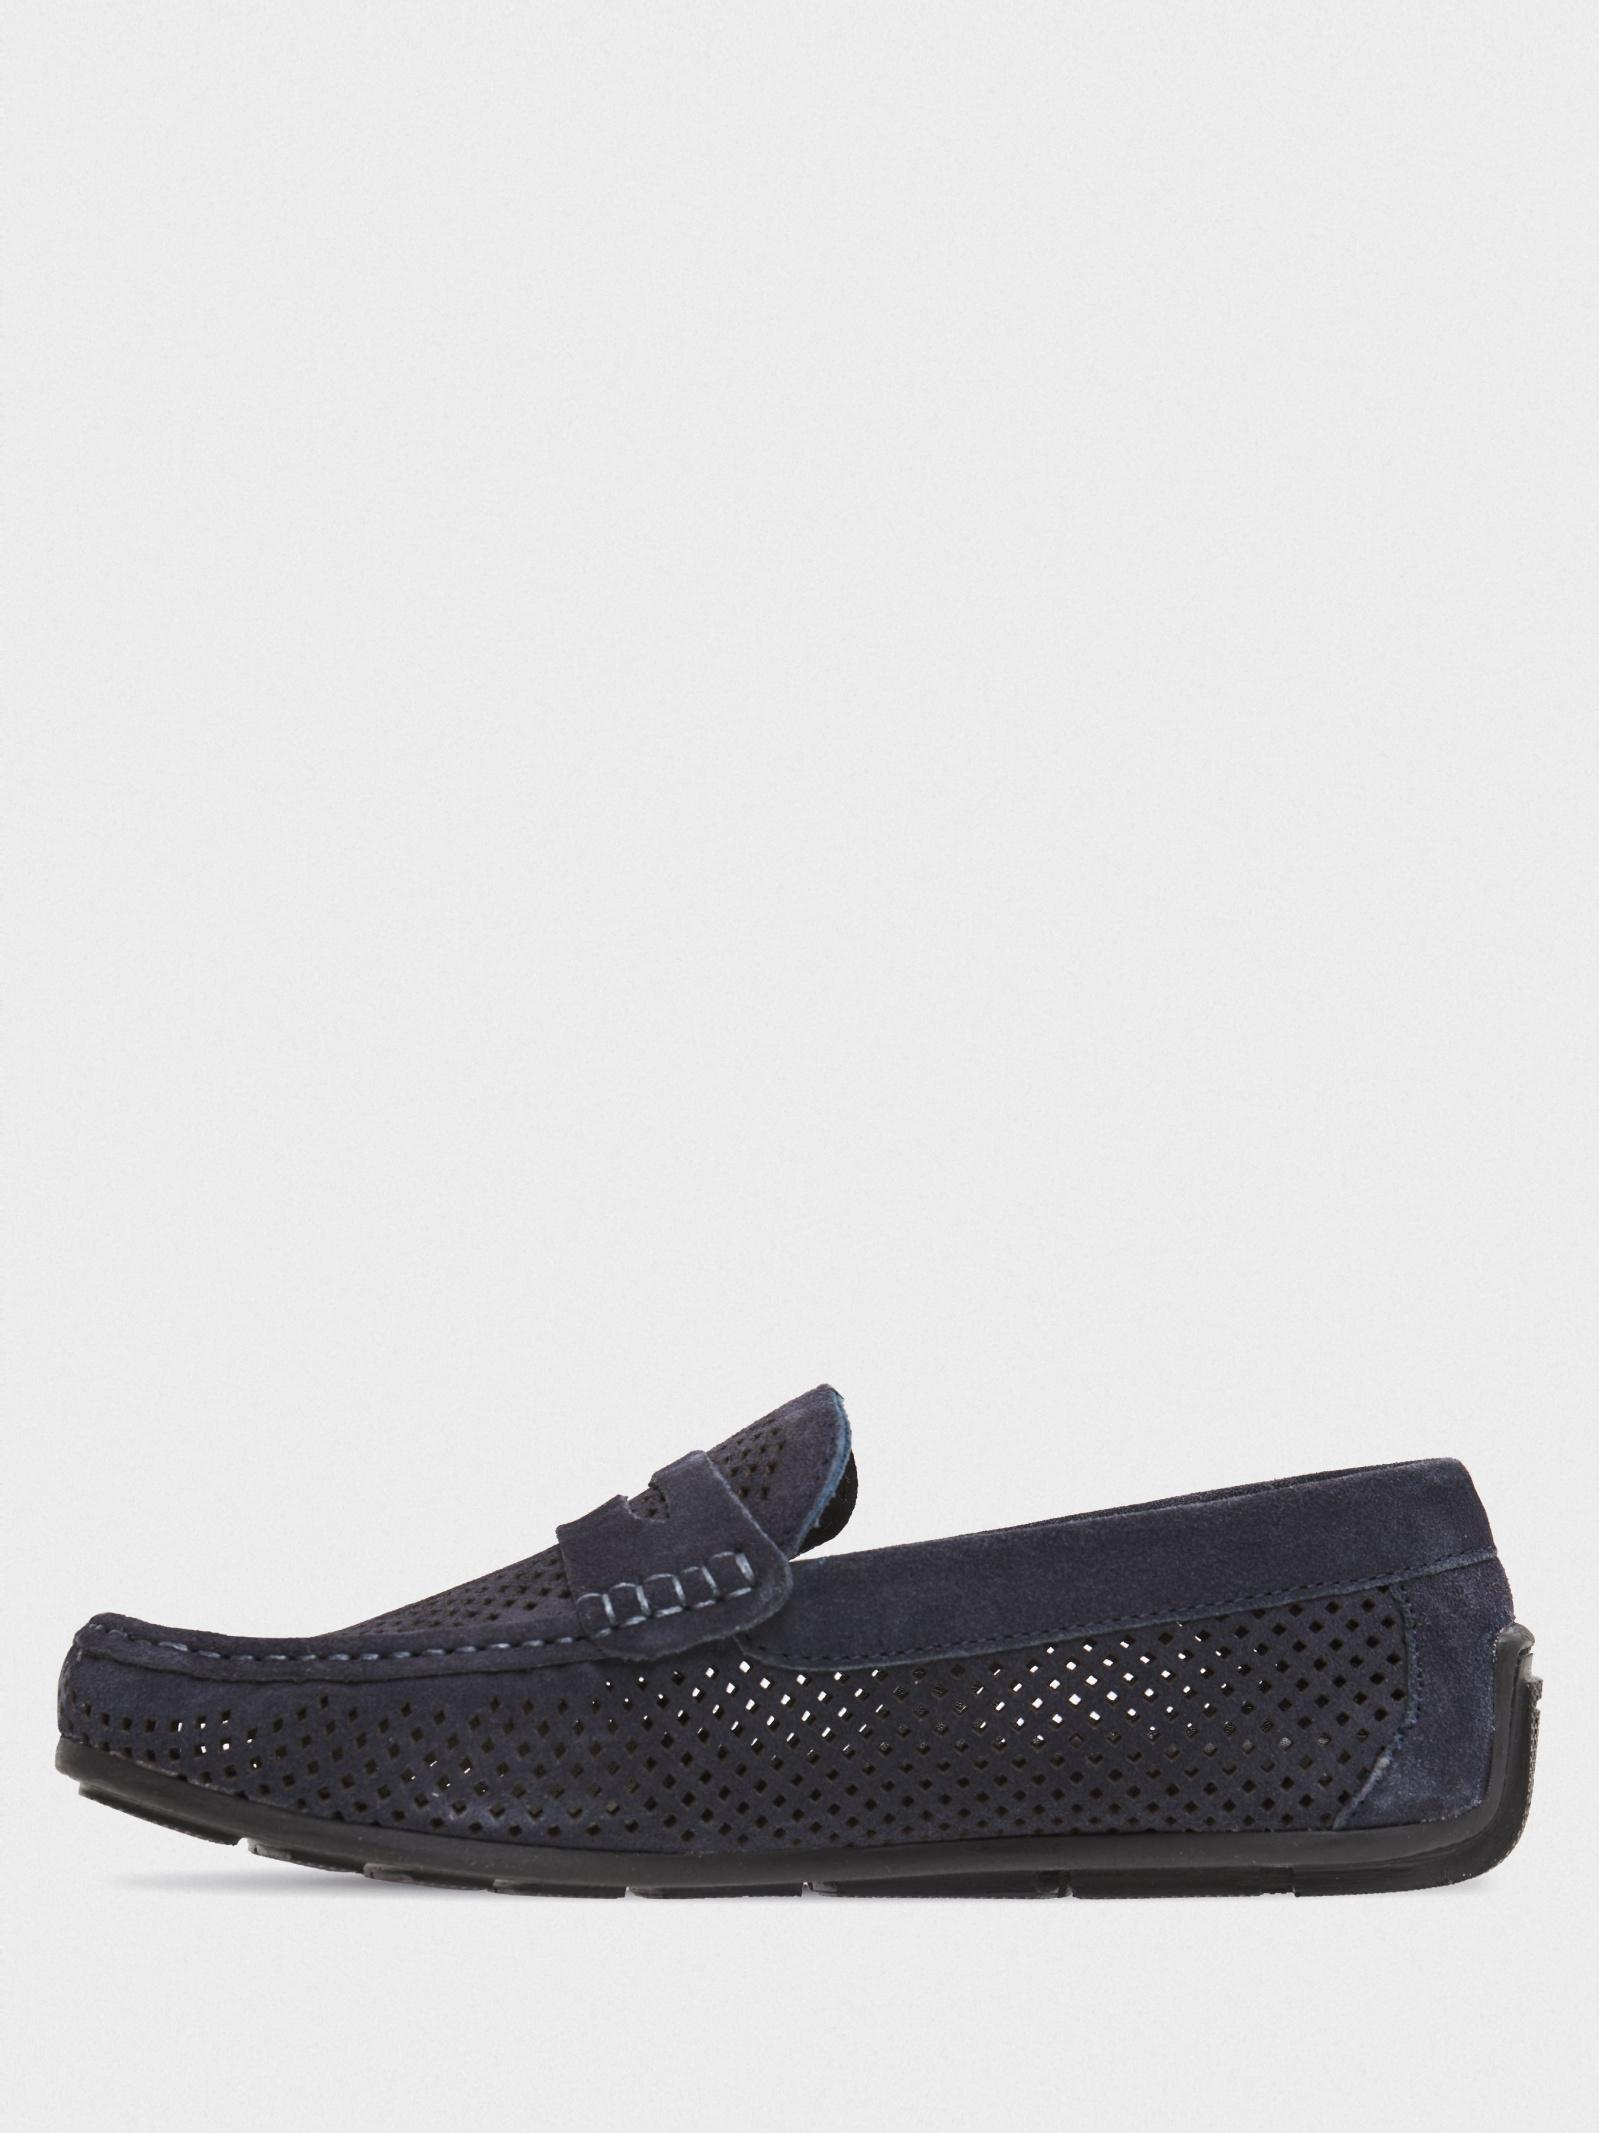 Мокасины для мужчин Braska 223-2277/209 купить обувь, 2017